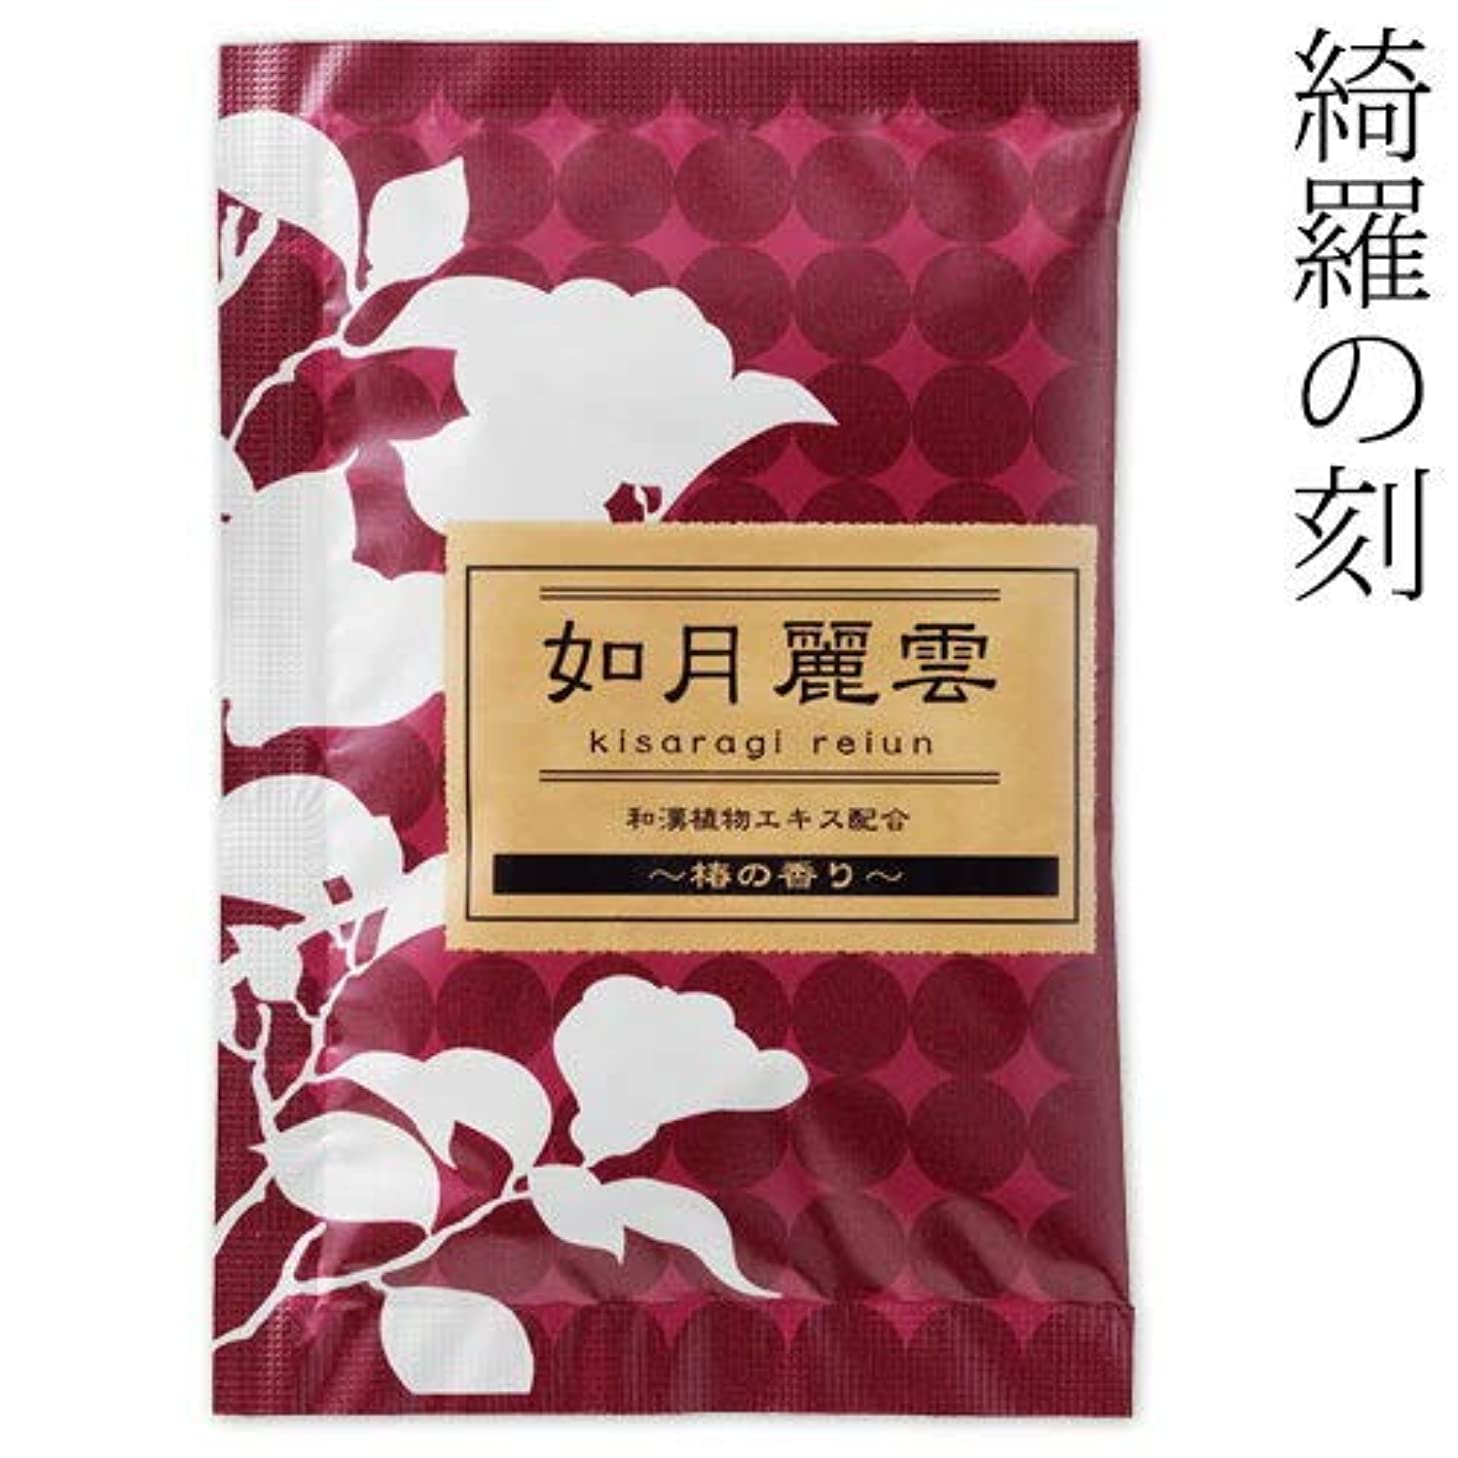 第二にソフィーじゃがいも入浴剤綺羅の刻椿の香り如月麗雲1包石川県のお風呂グッズBath additive, Ishikawa craft